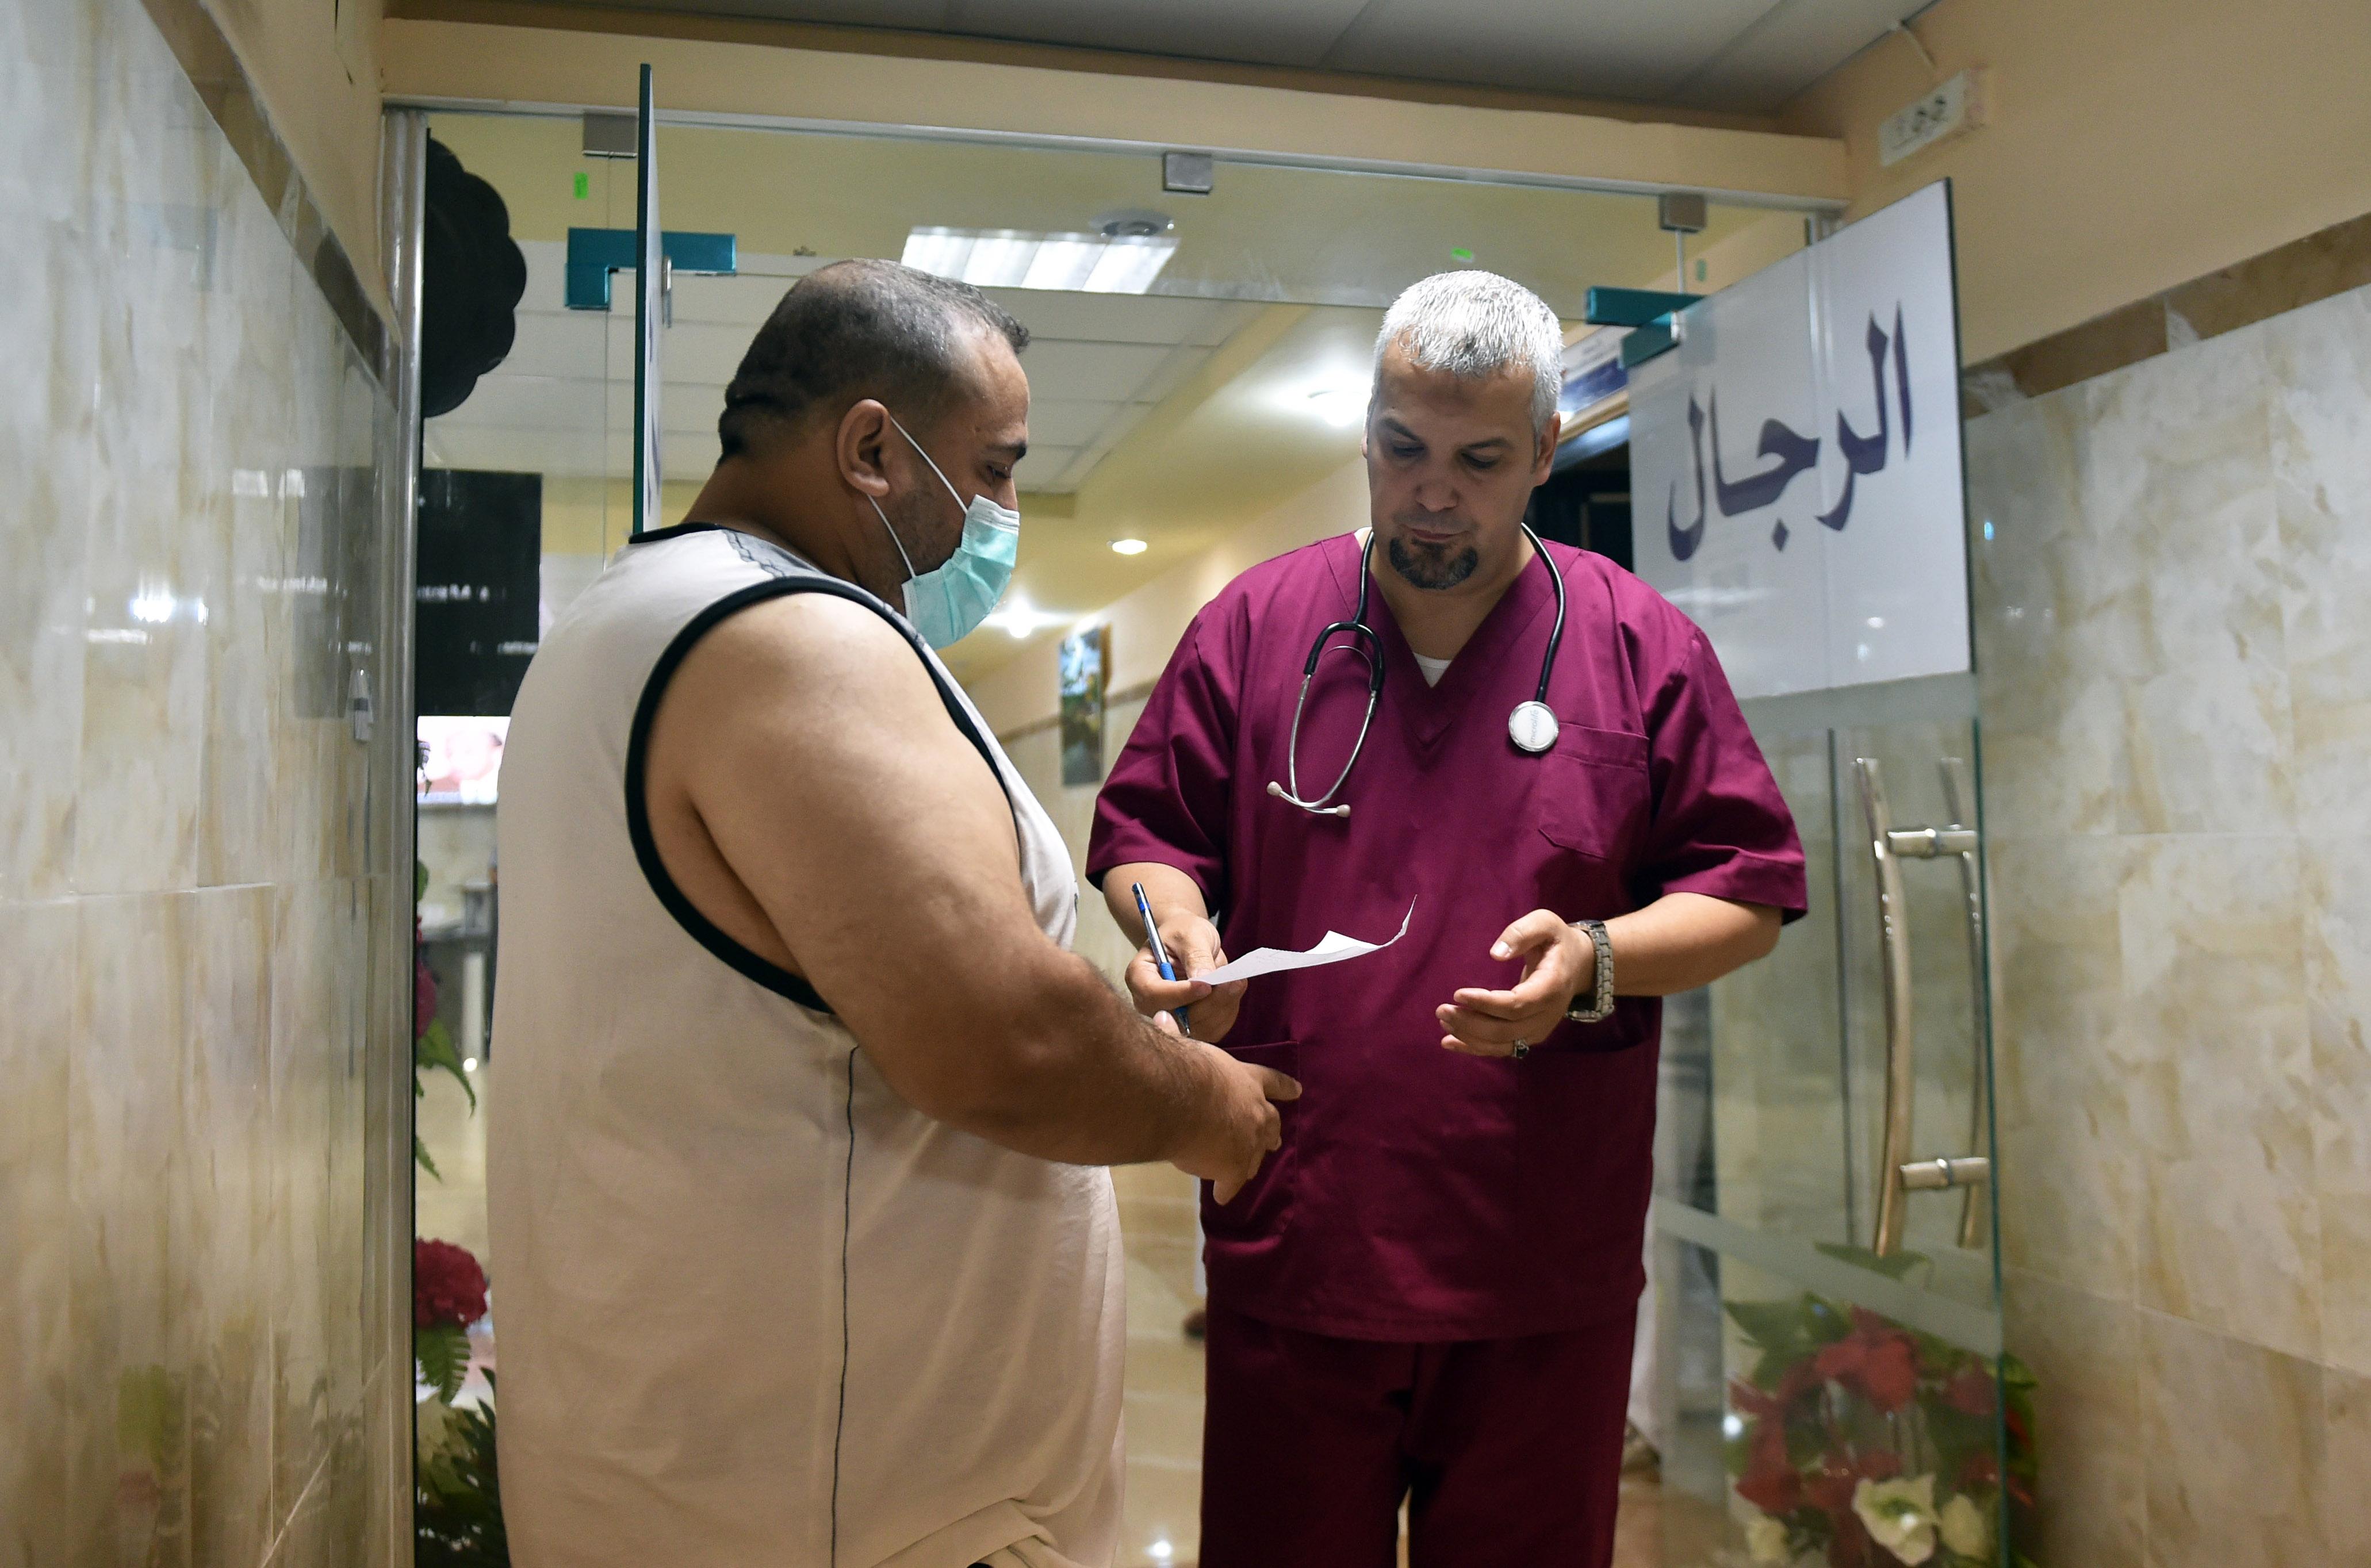 الطبيب بوقرورة مع أحد مرضاه